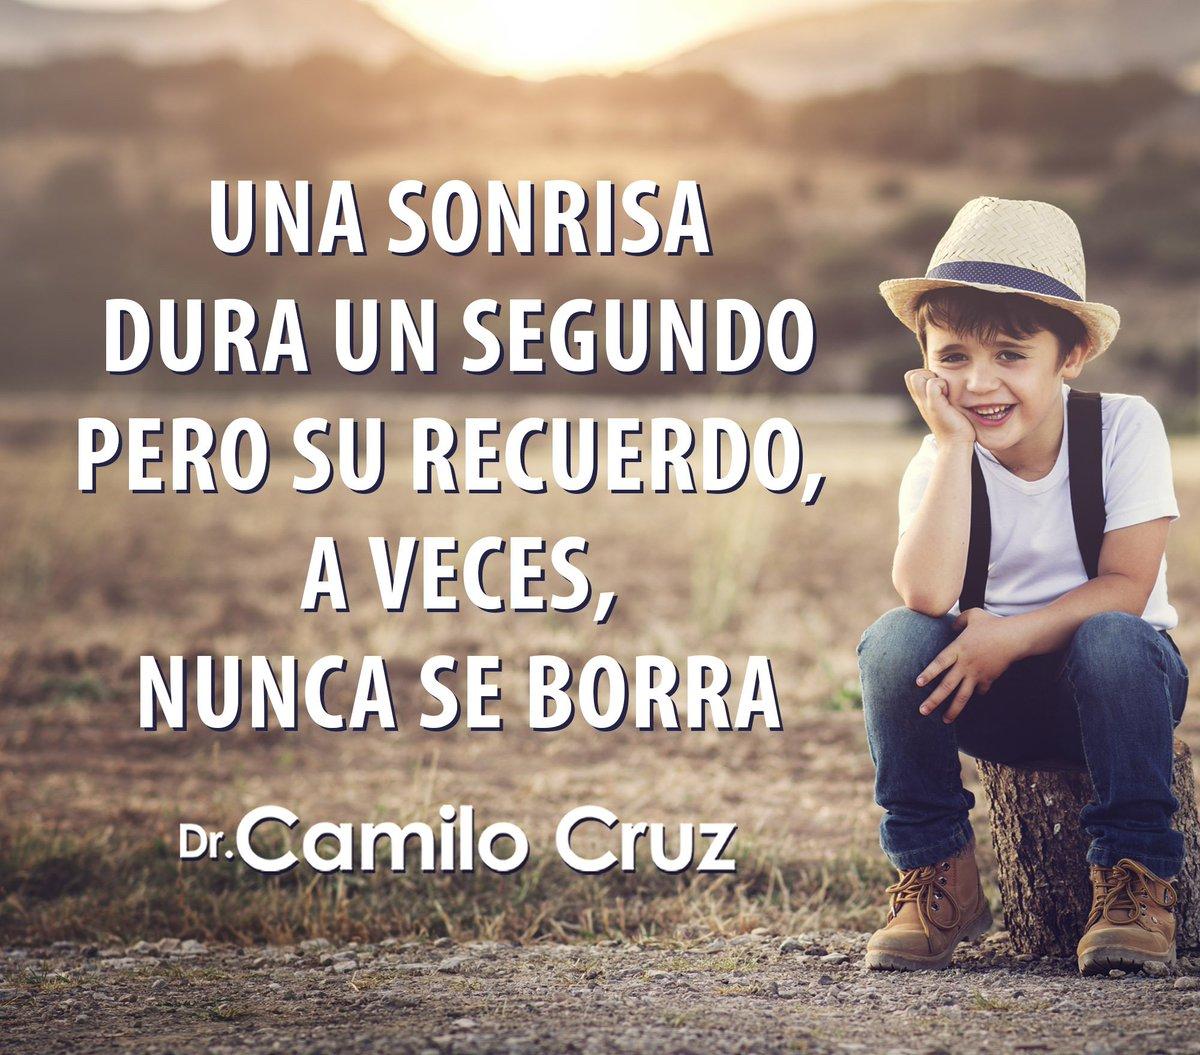 Camilo Cruz Su Twitter Una Sonrisa Dura Un Segundo Pero Su